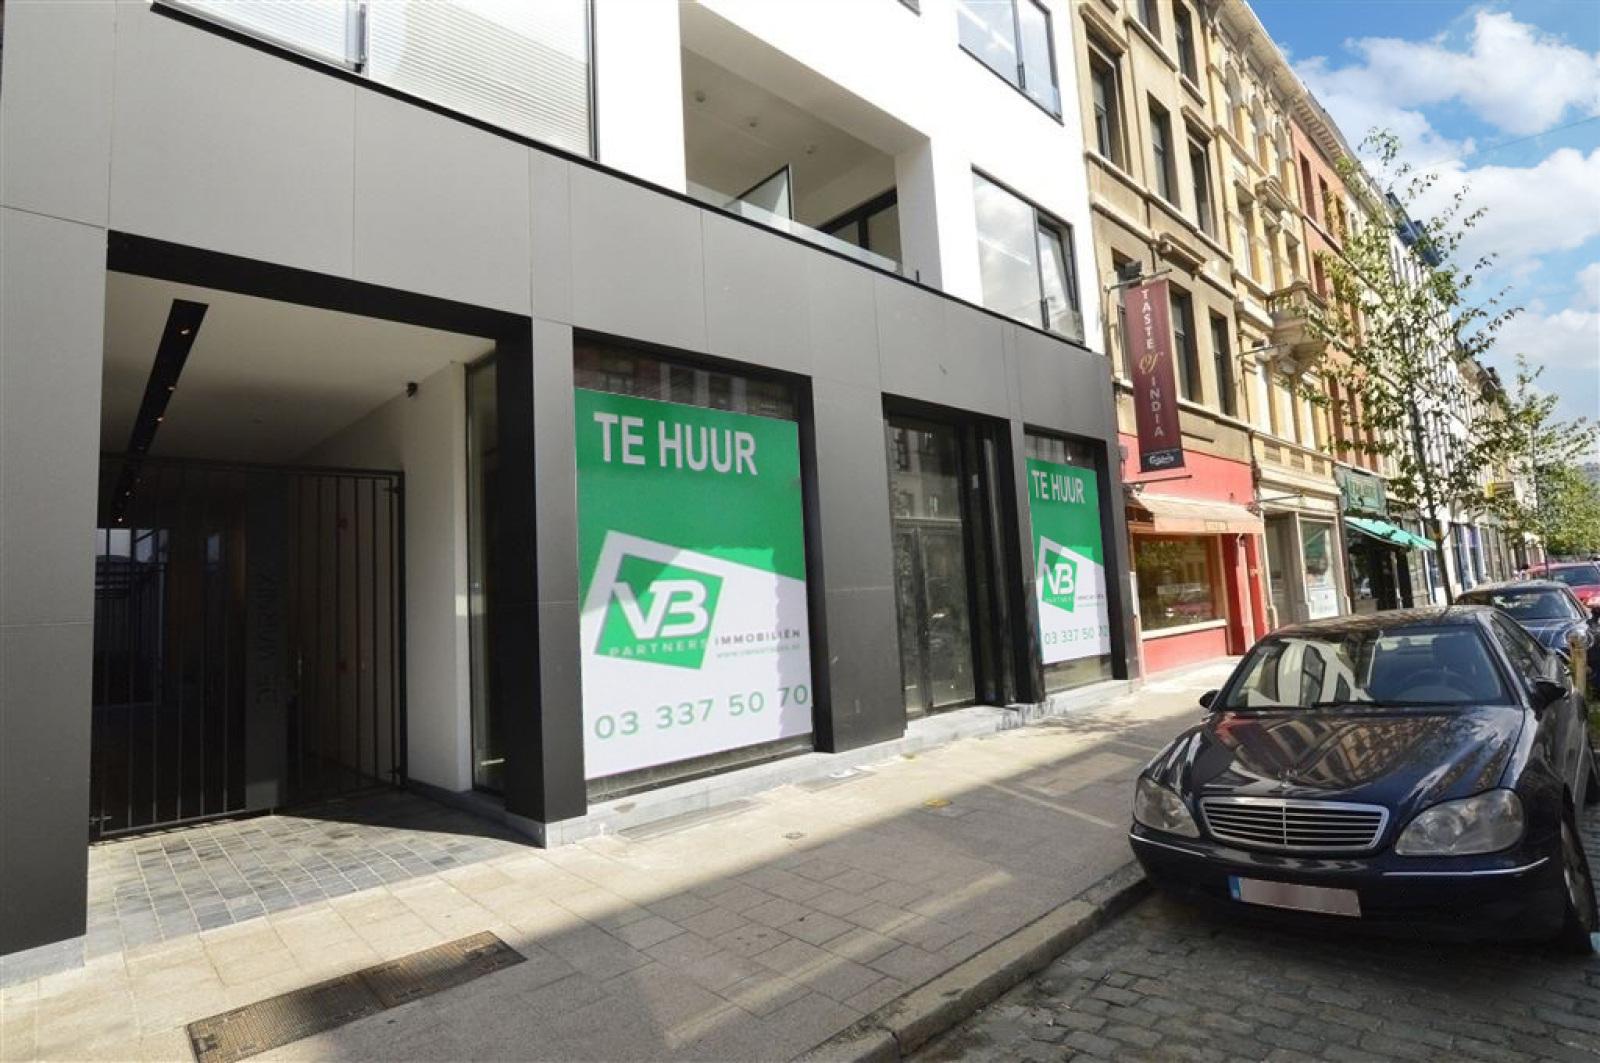 Mooie handelsruimte (128m²) met riante kelder (70m²) aan de Marnixplaats te Antwerpen! afbeelding 3